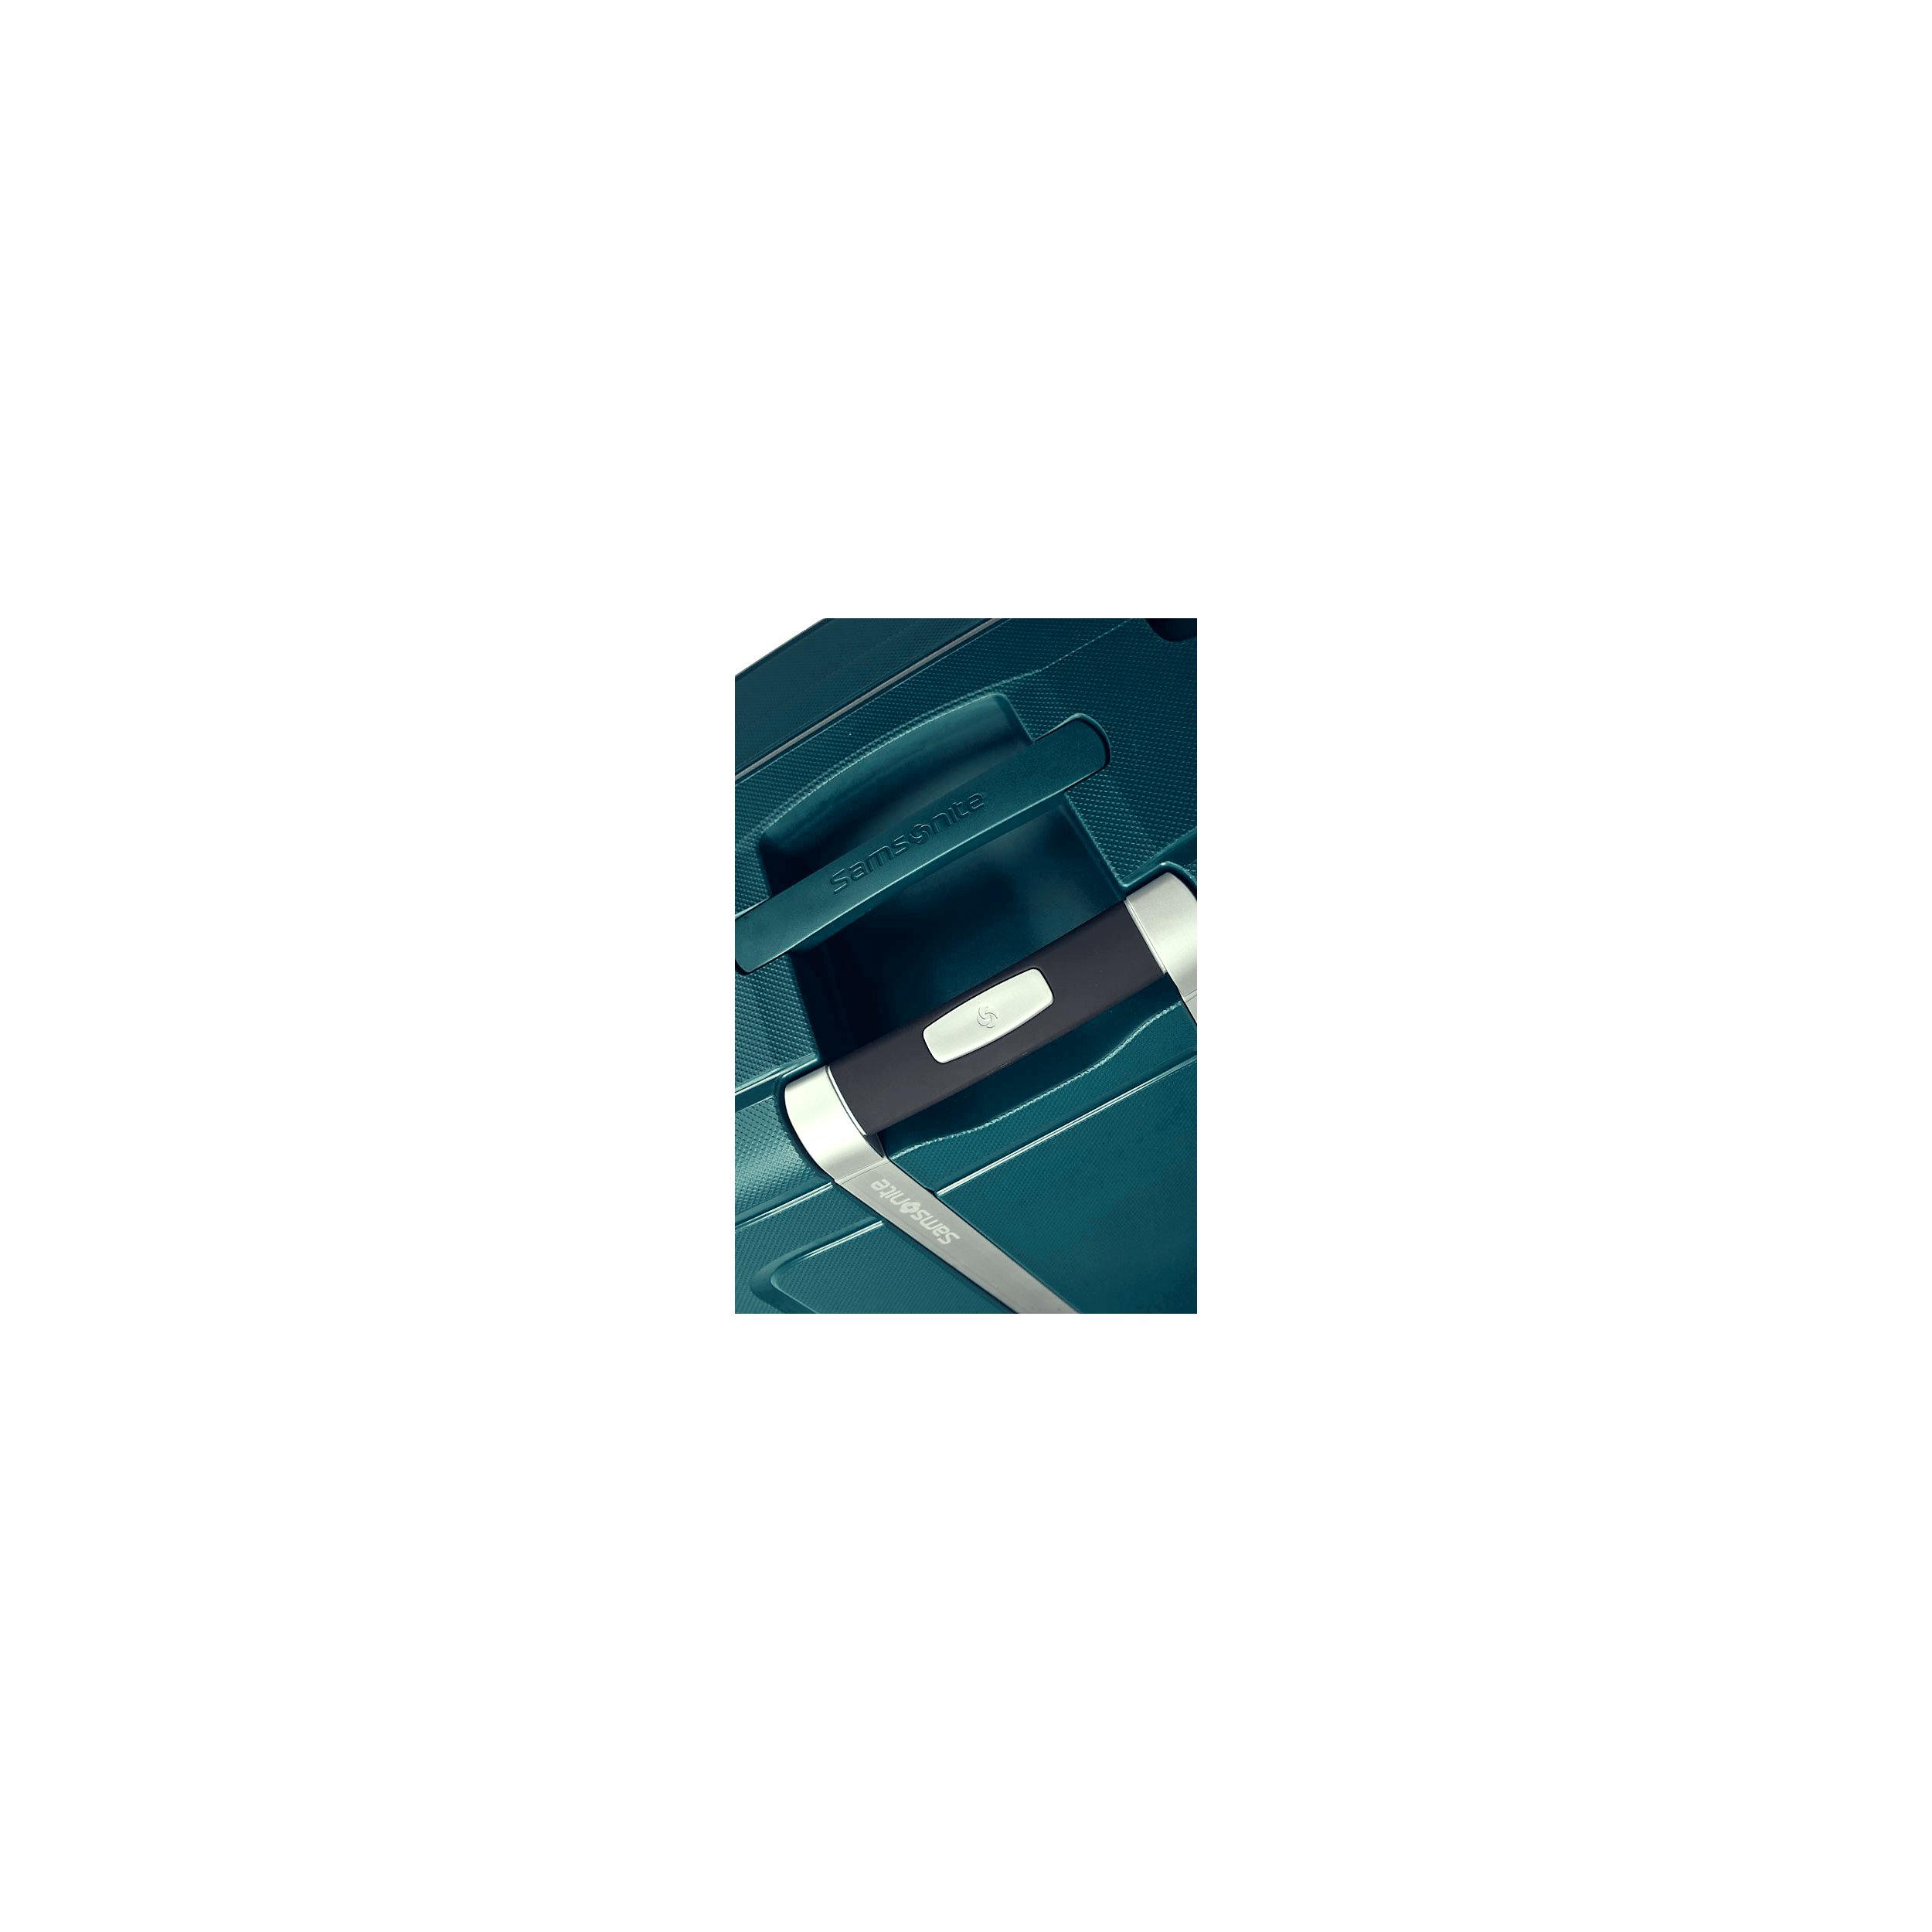 Spinner 69/25 mit 4 Rollen S'Cure DLX M 79 Liter